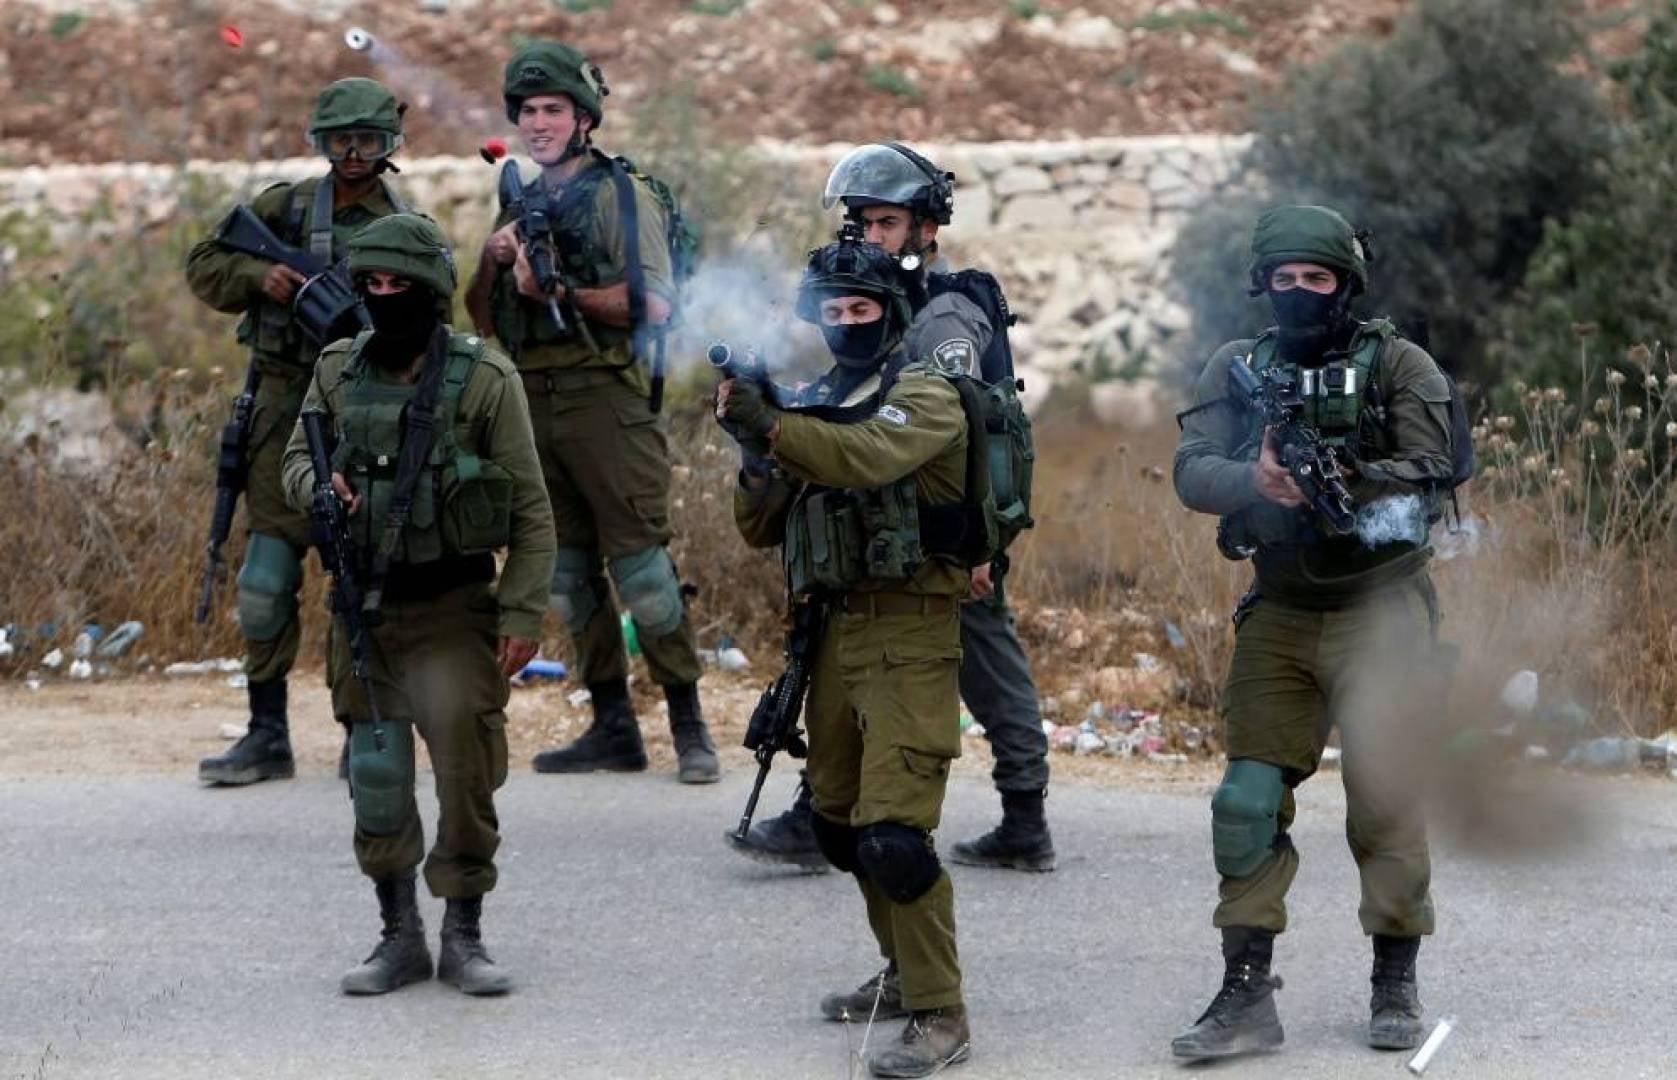 الشرطة الإسرائيلية تفرق مظاهرة تطالب باستقالة نتانياهو